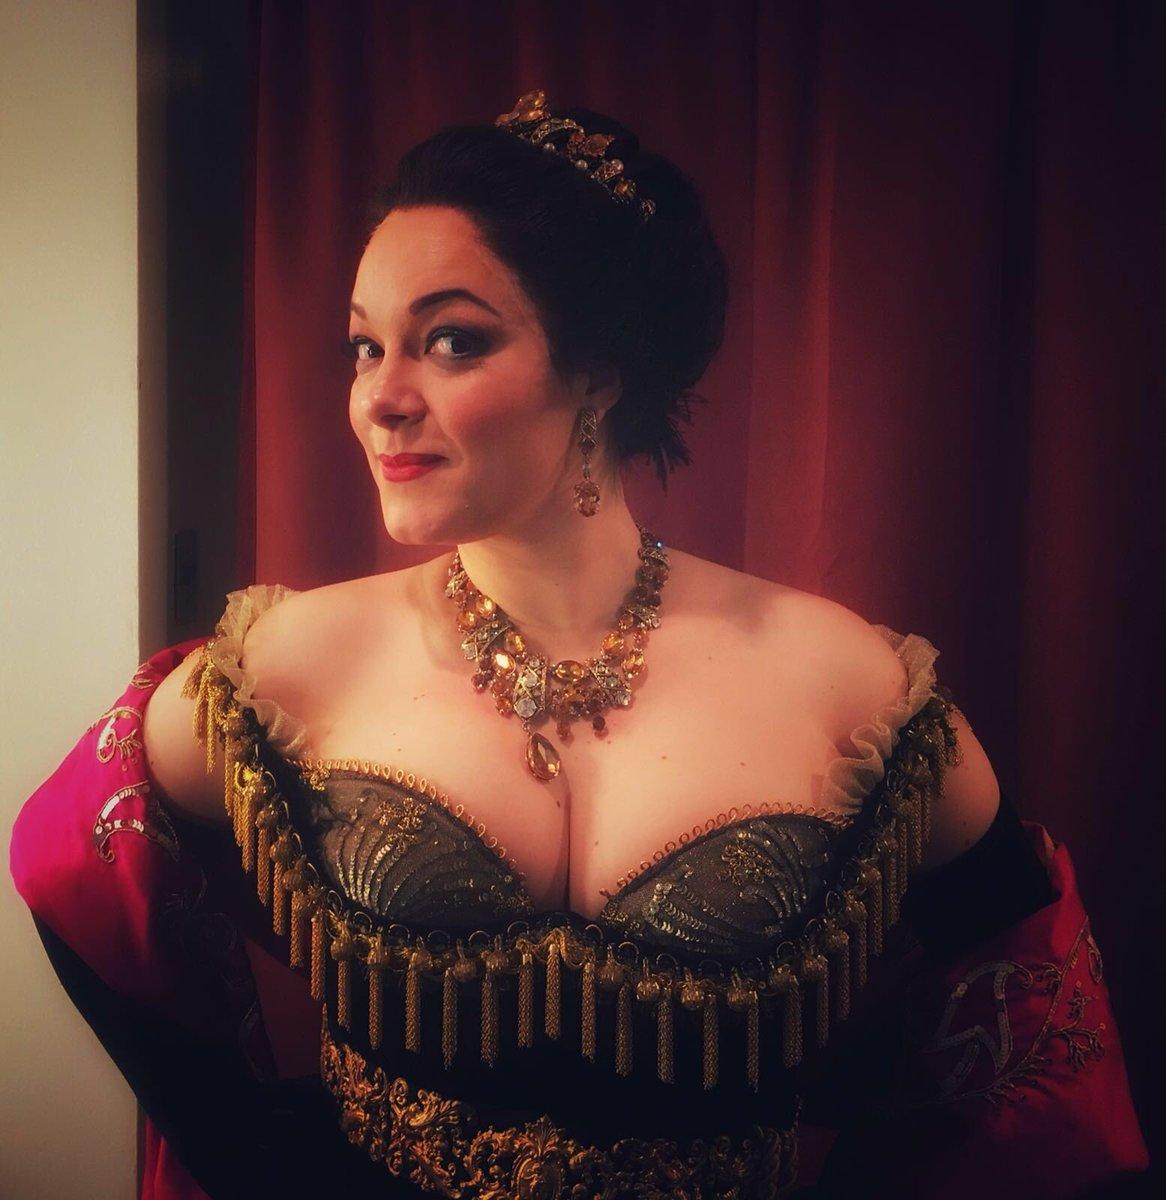 Il soprano Eleonora Buratto, Ambassador Martino Midali, debutta alla Metropolitan Opera House di New York